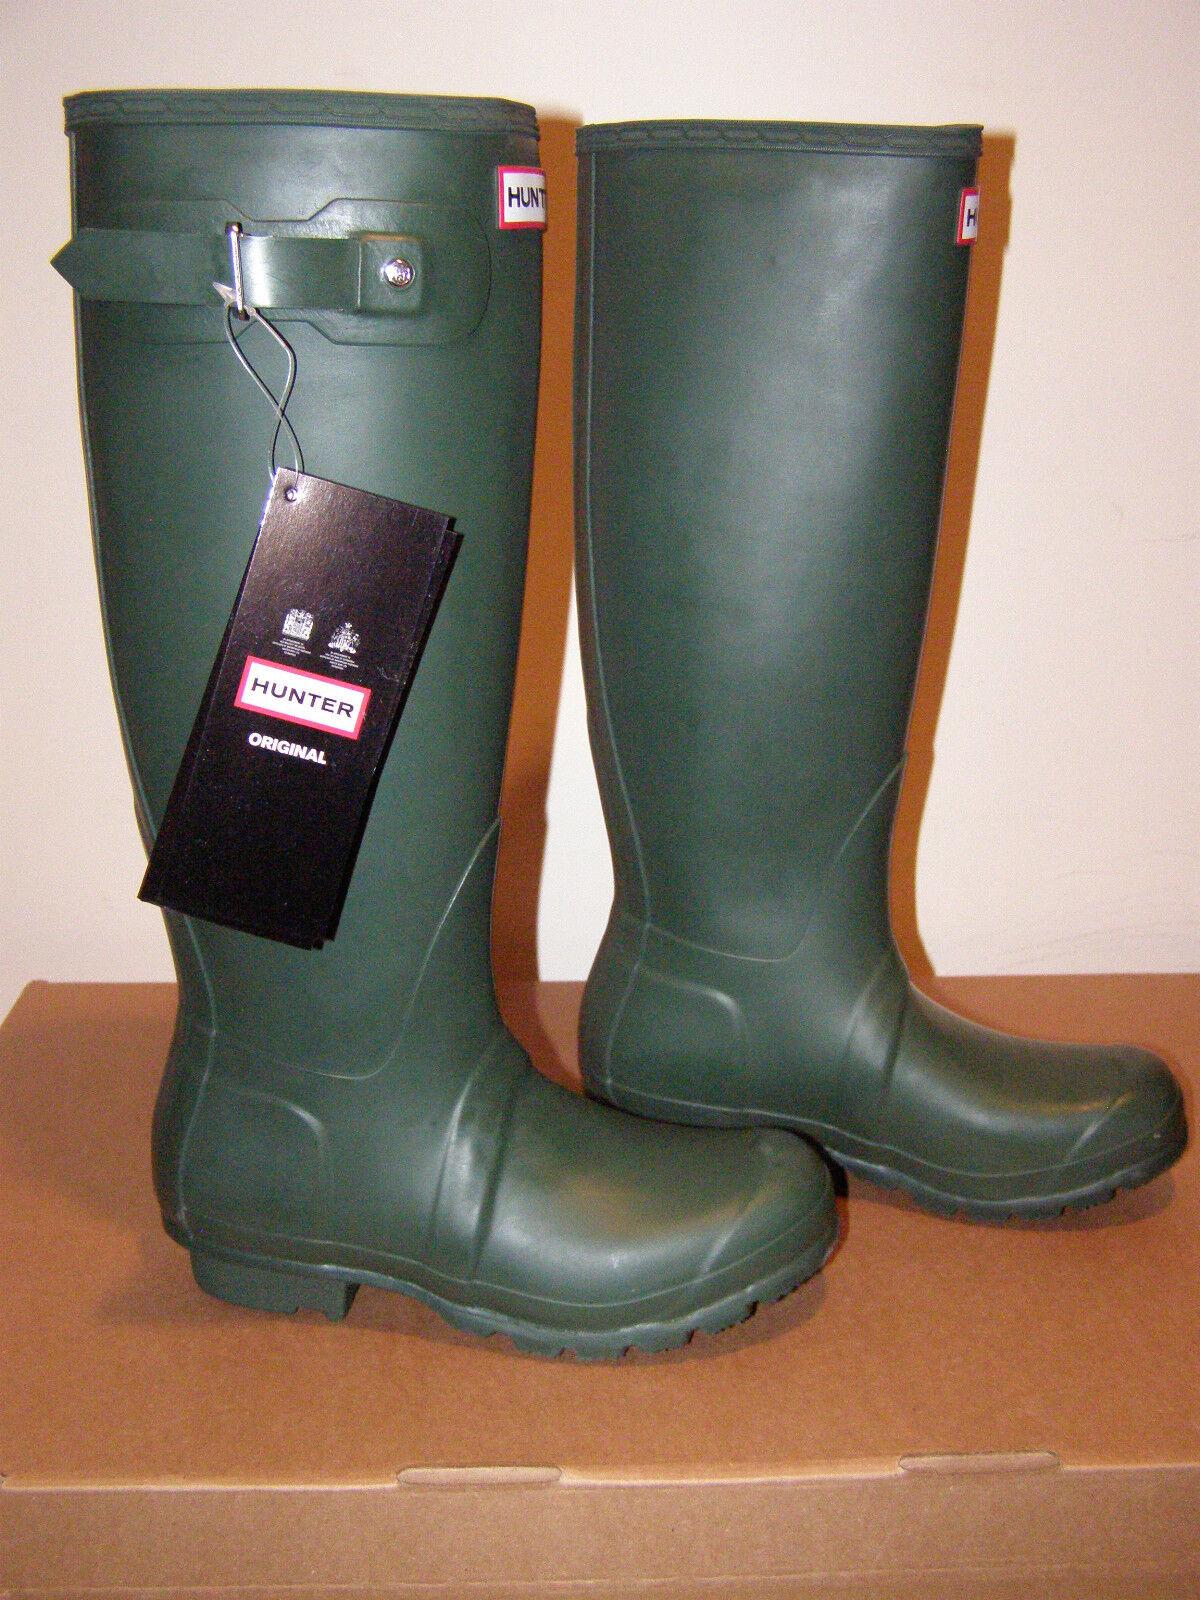 Nuevo Hunter Sz 5 Mujeres Alto Bota Bota Bota verde Oscuro Original Wellington botas De Lluvia  oferta especial